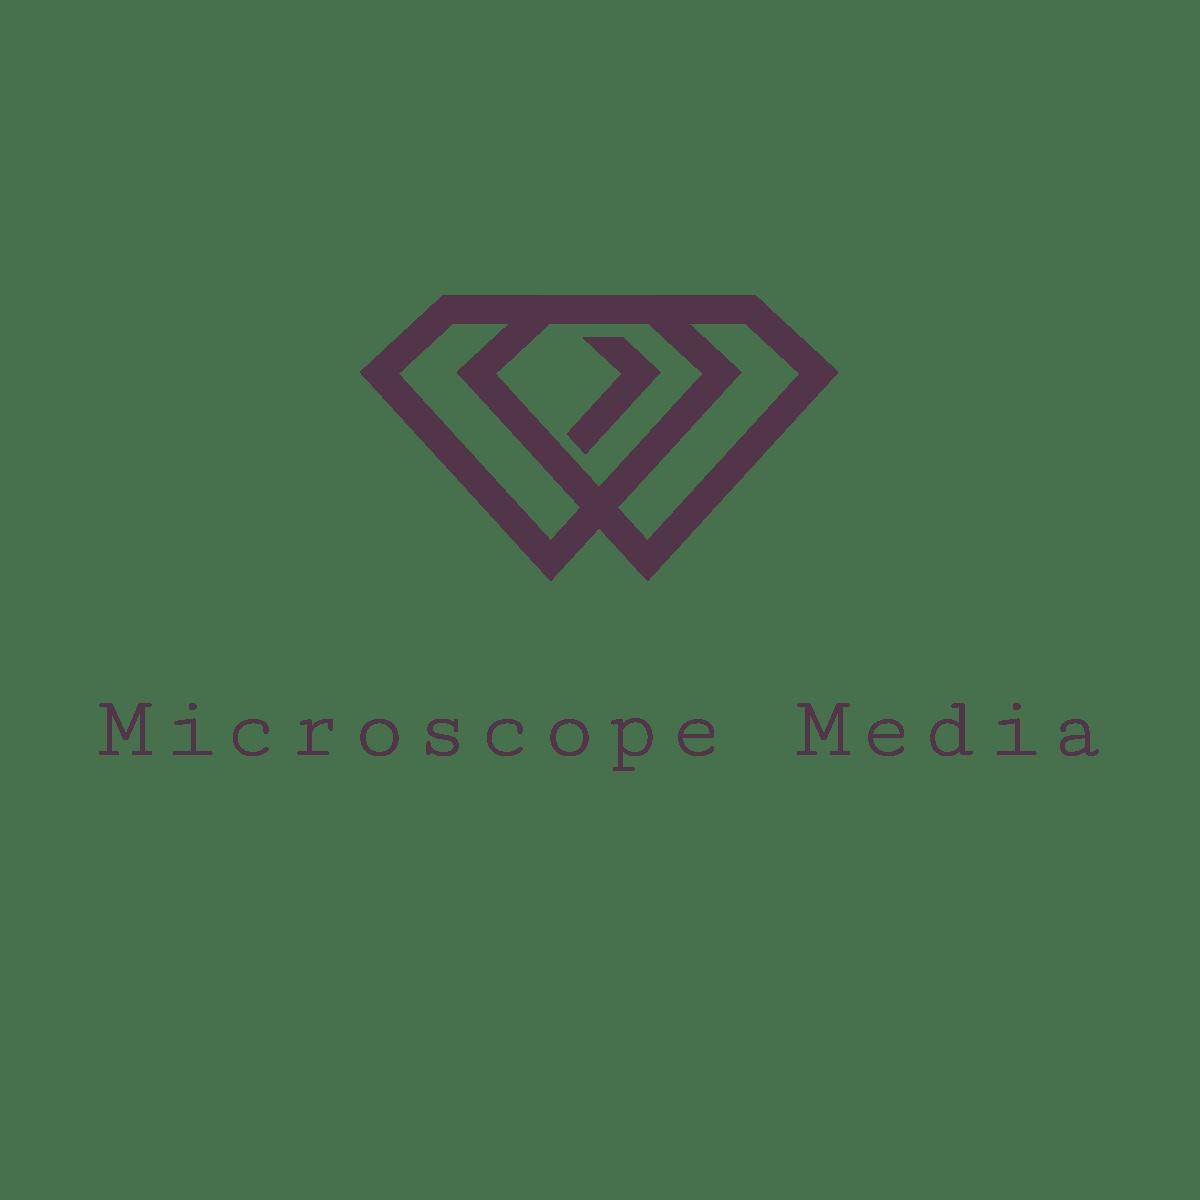 Microscope Media